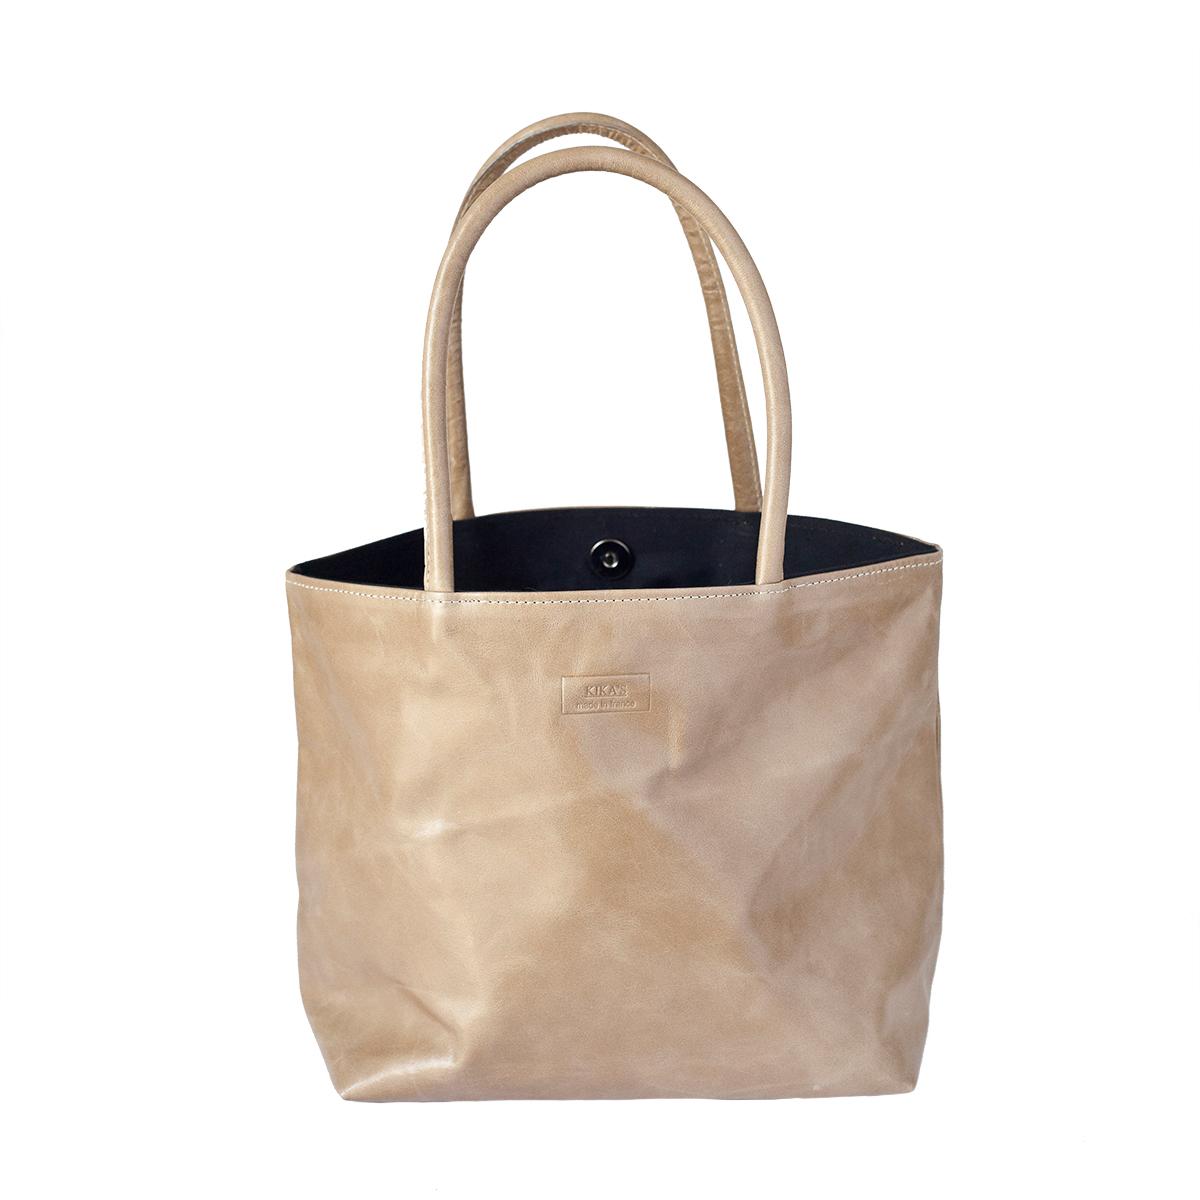 meilleur service 02861 d0c0a Petit sac fourre-tout en cuir